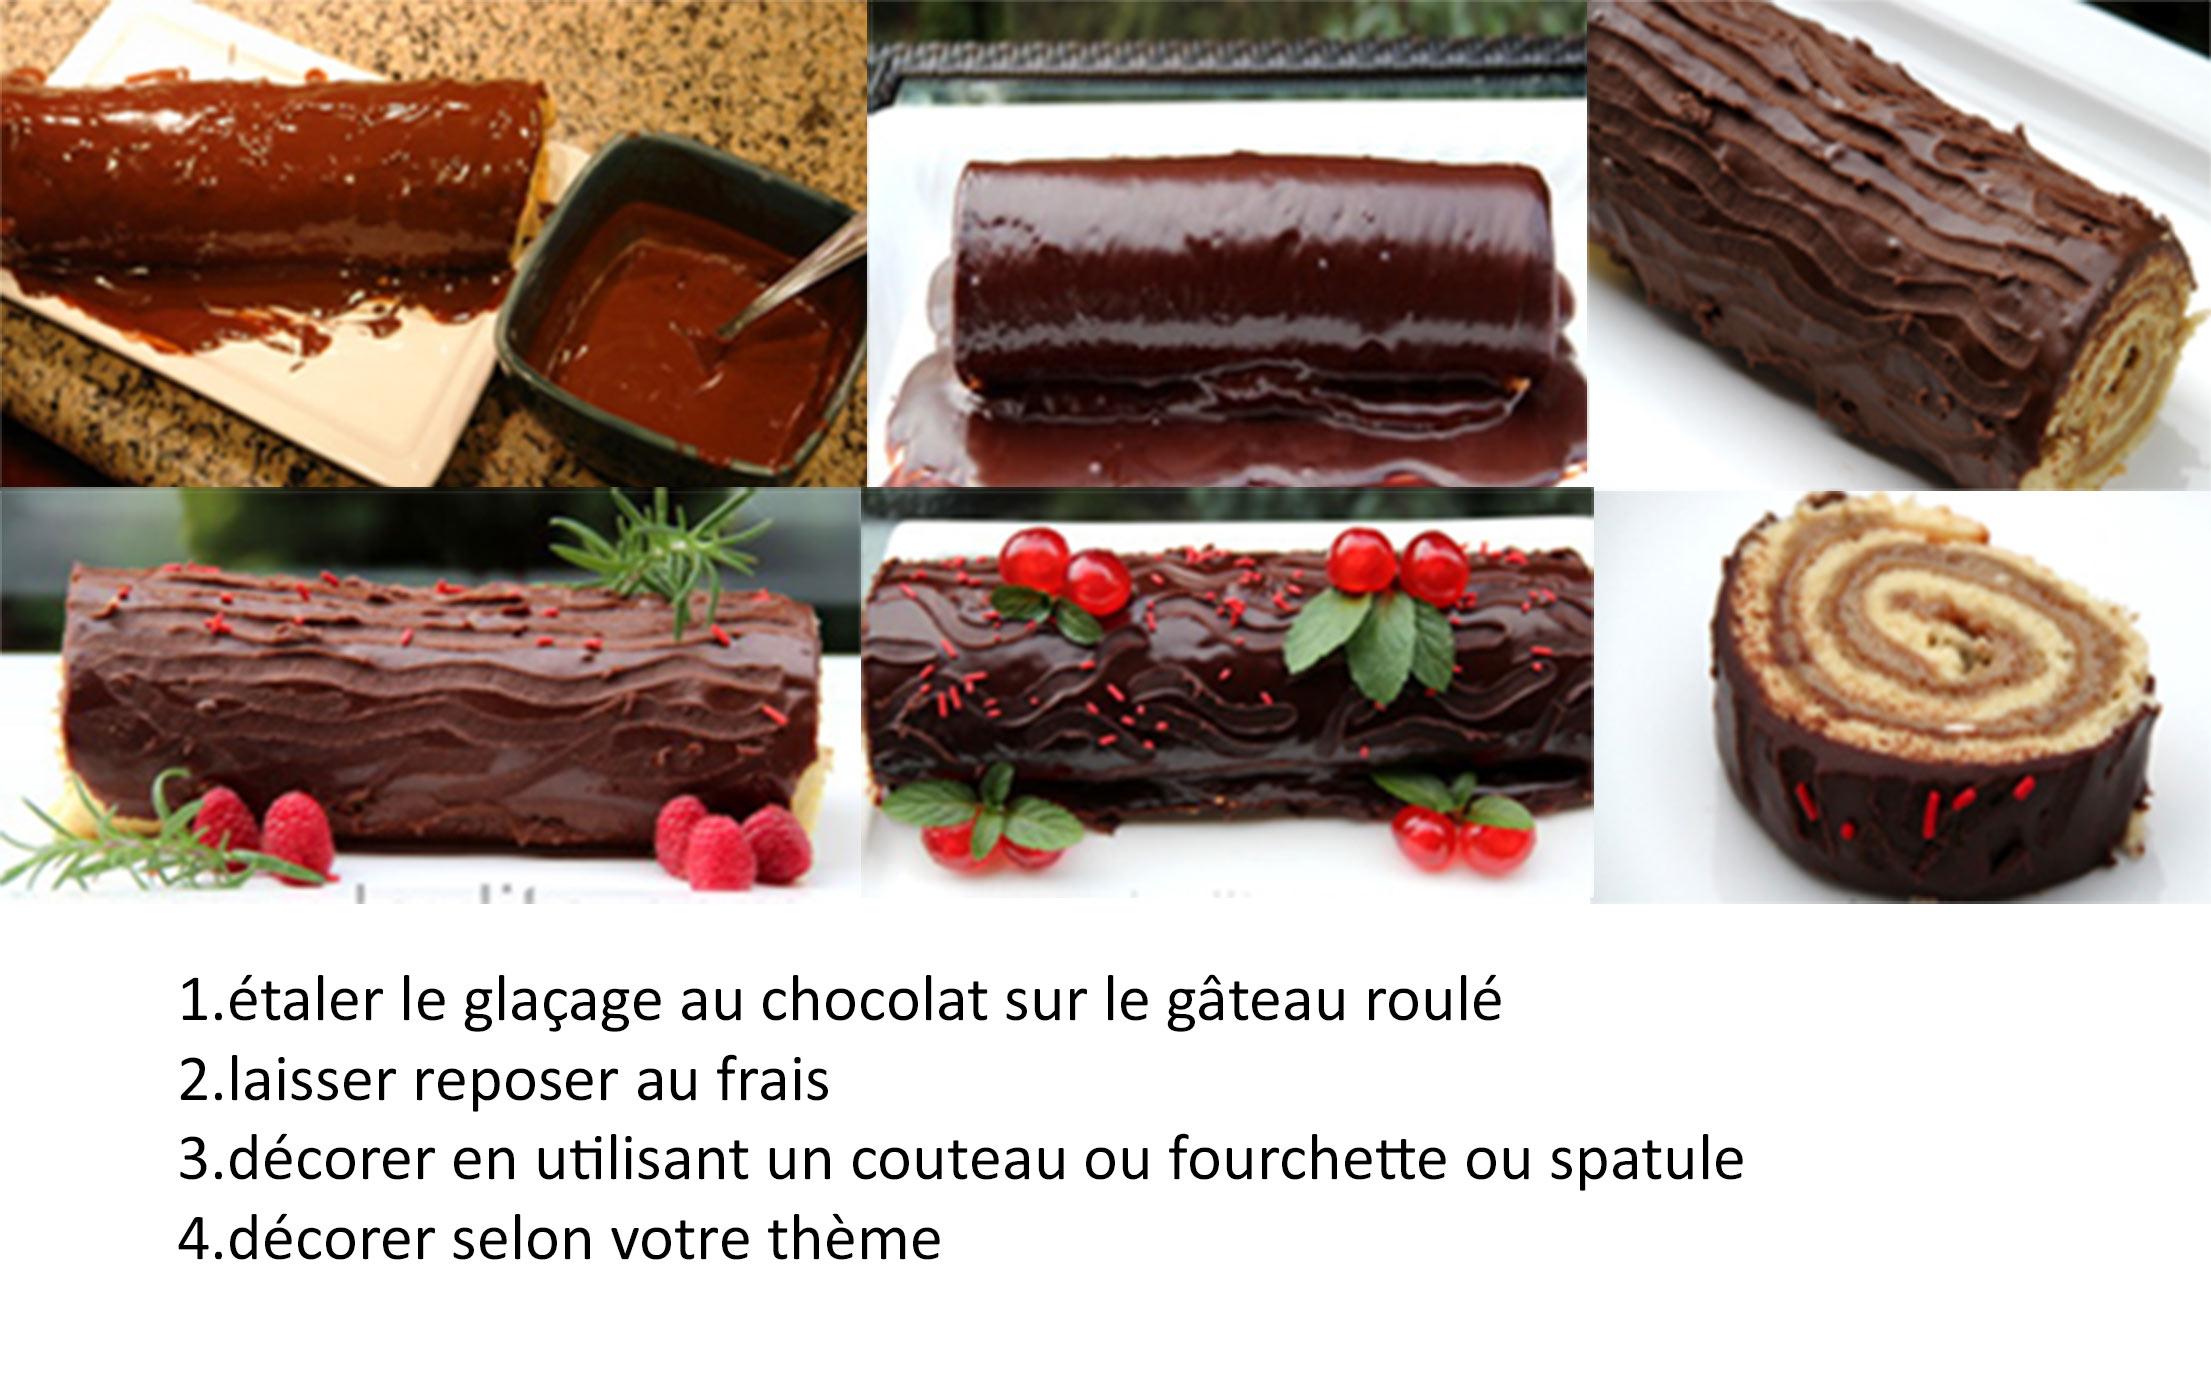 Decoration De Noel Pour Tarte Au Chocolat